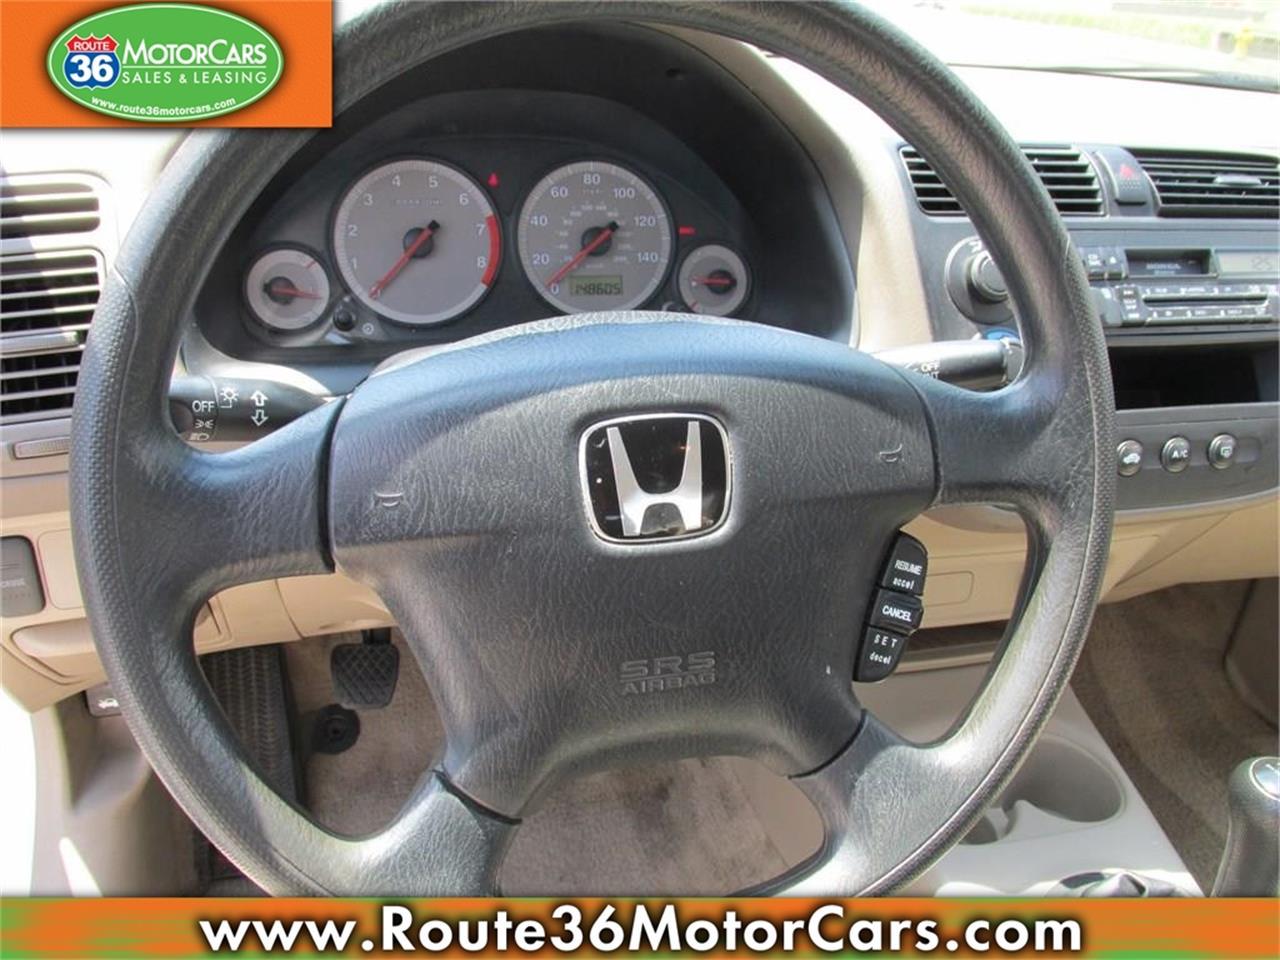 Large Picture of '01 Honda Civic - $1,475.00 - QHQW